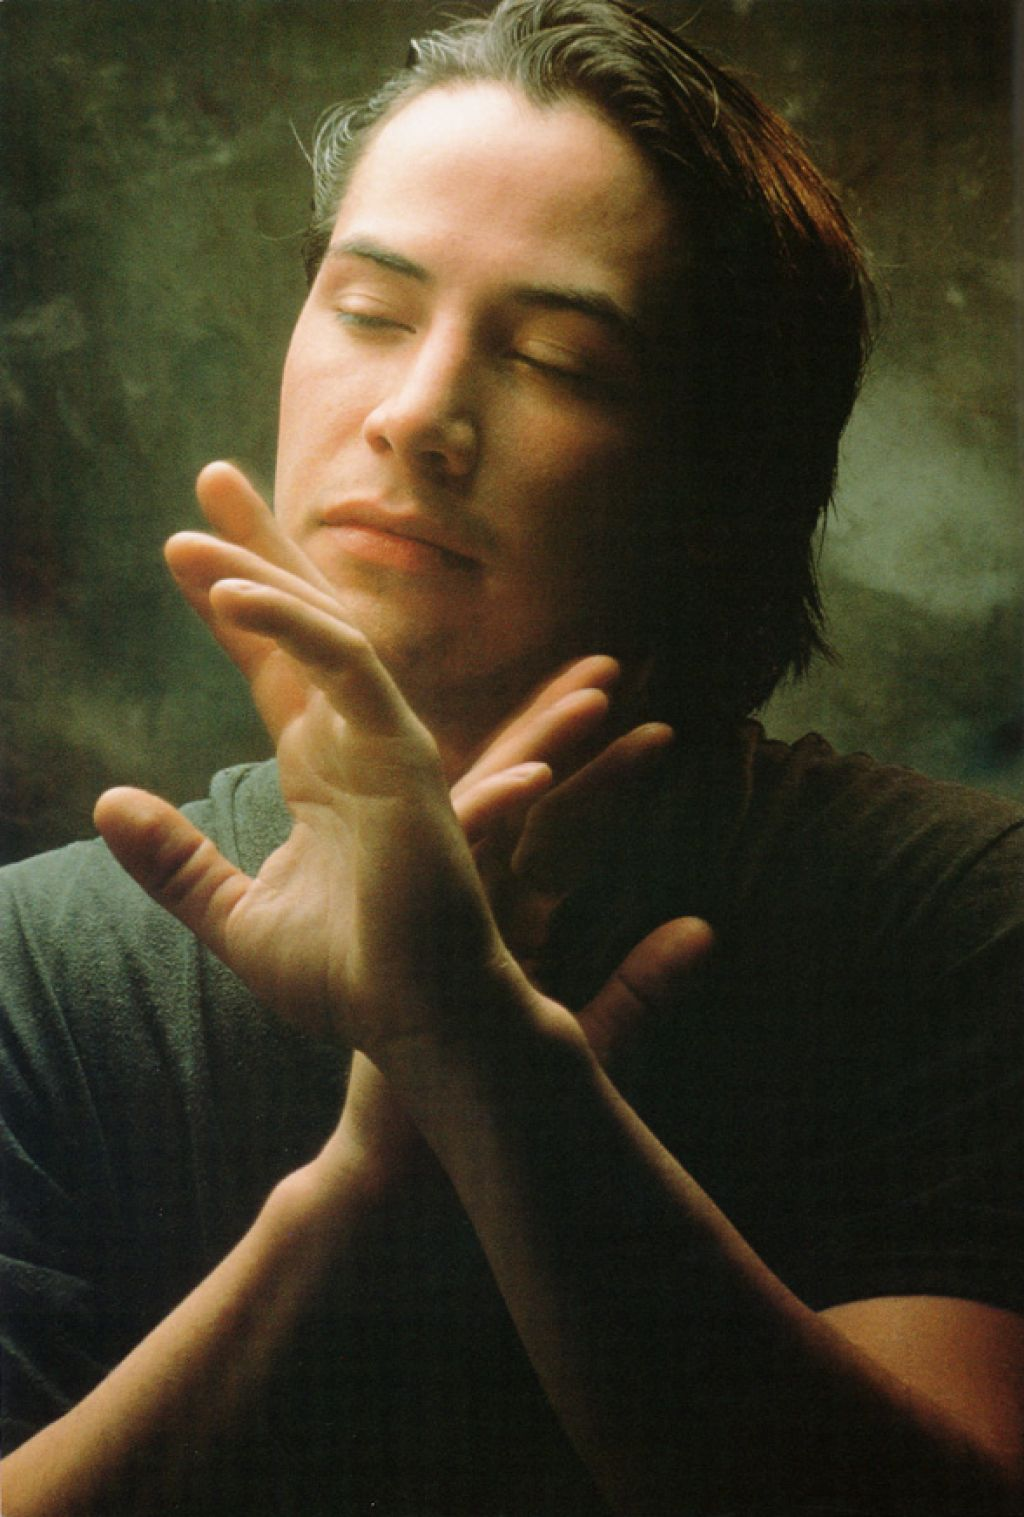 Первые кадры из драмы «Дочь Бога» с участием Киану Ривза…